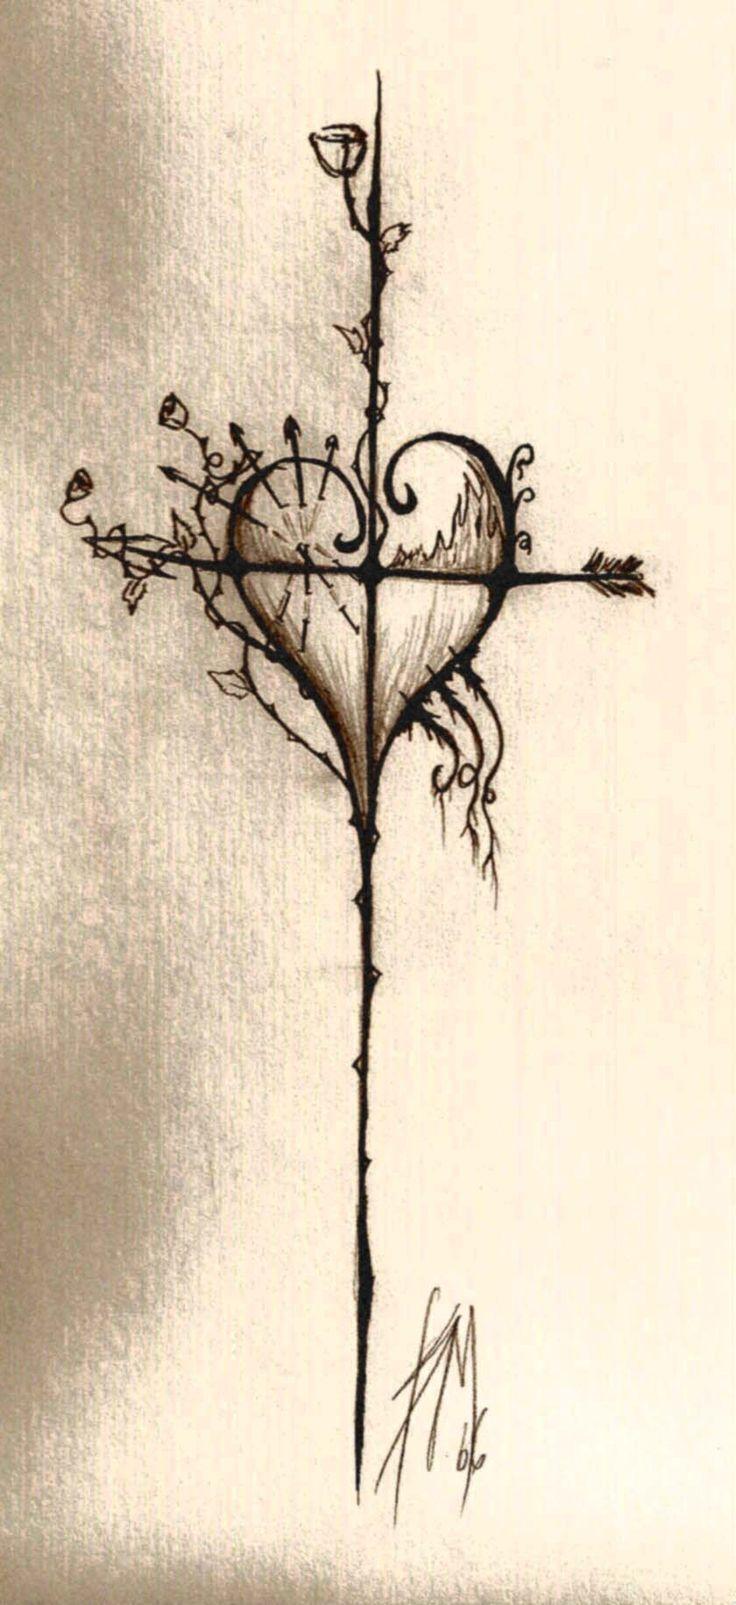 ❥❥❥Lindo corazón / heart, me gustaría para un tatuaje❥❥❥